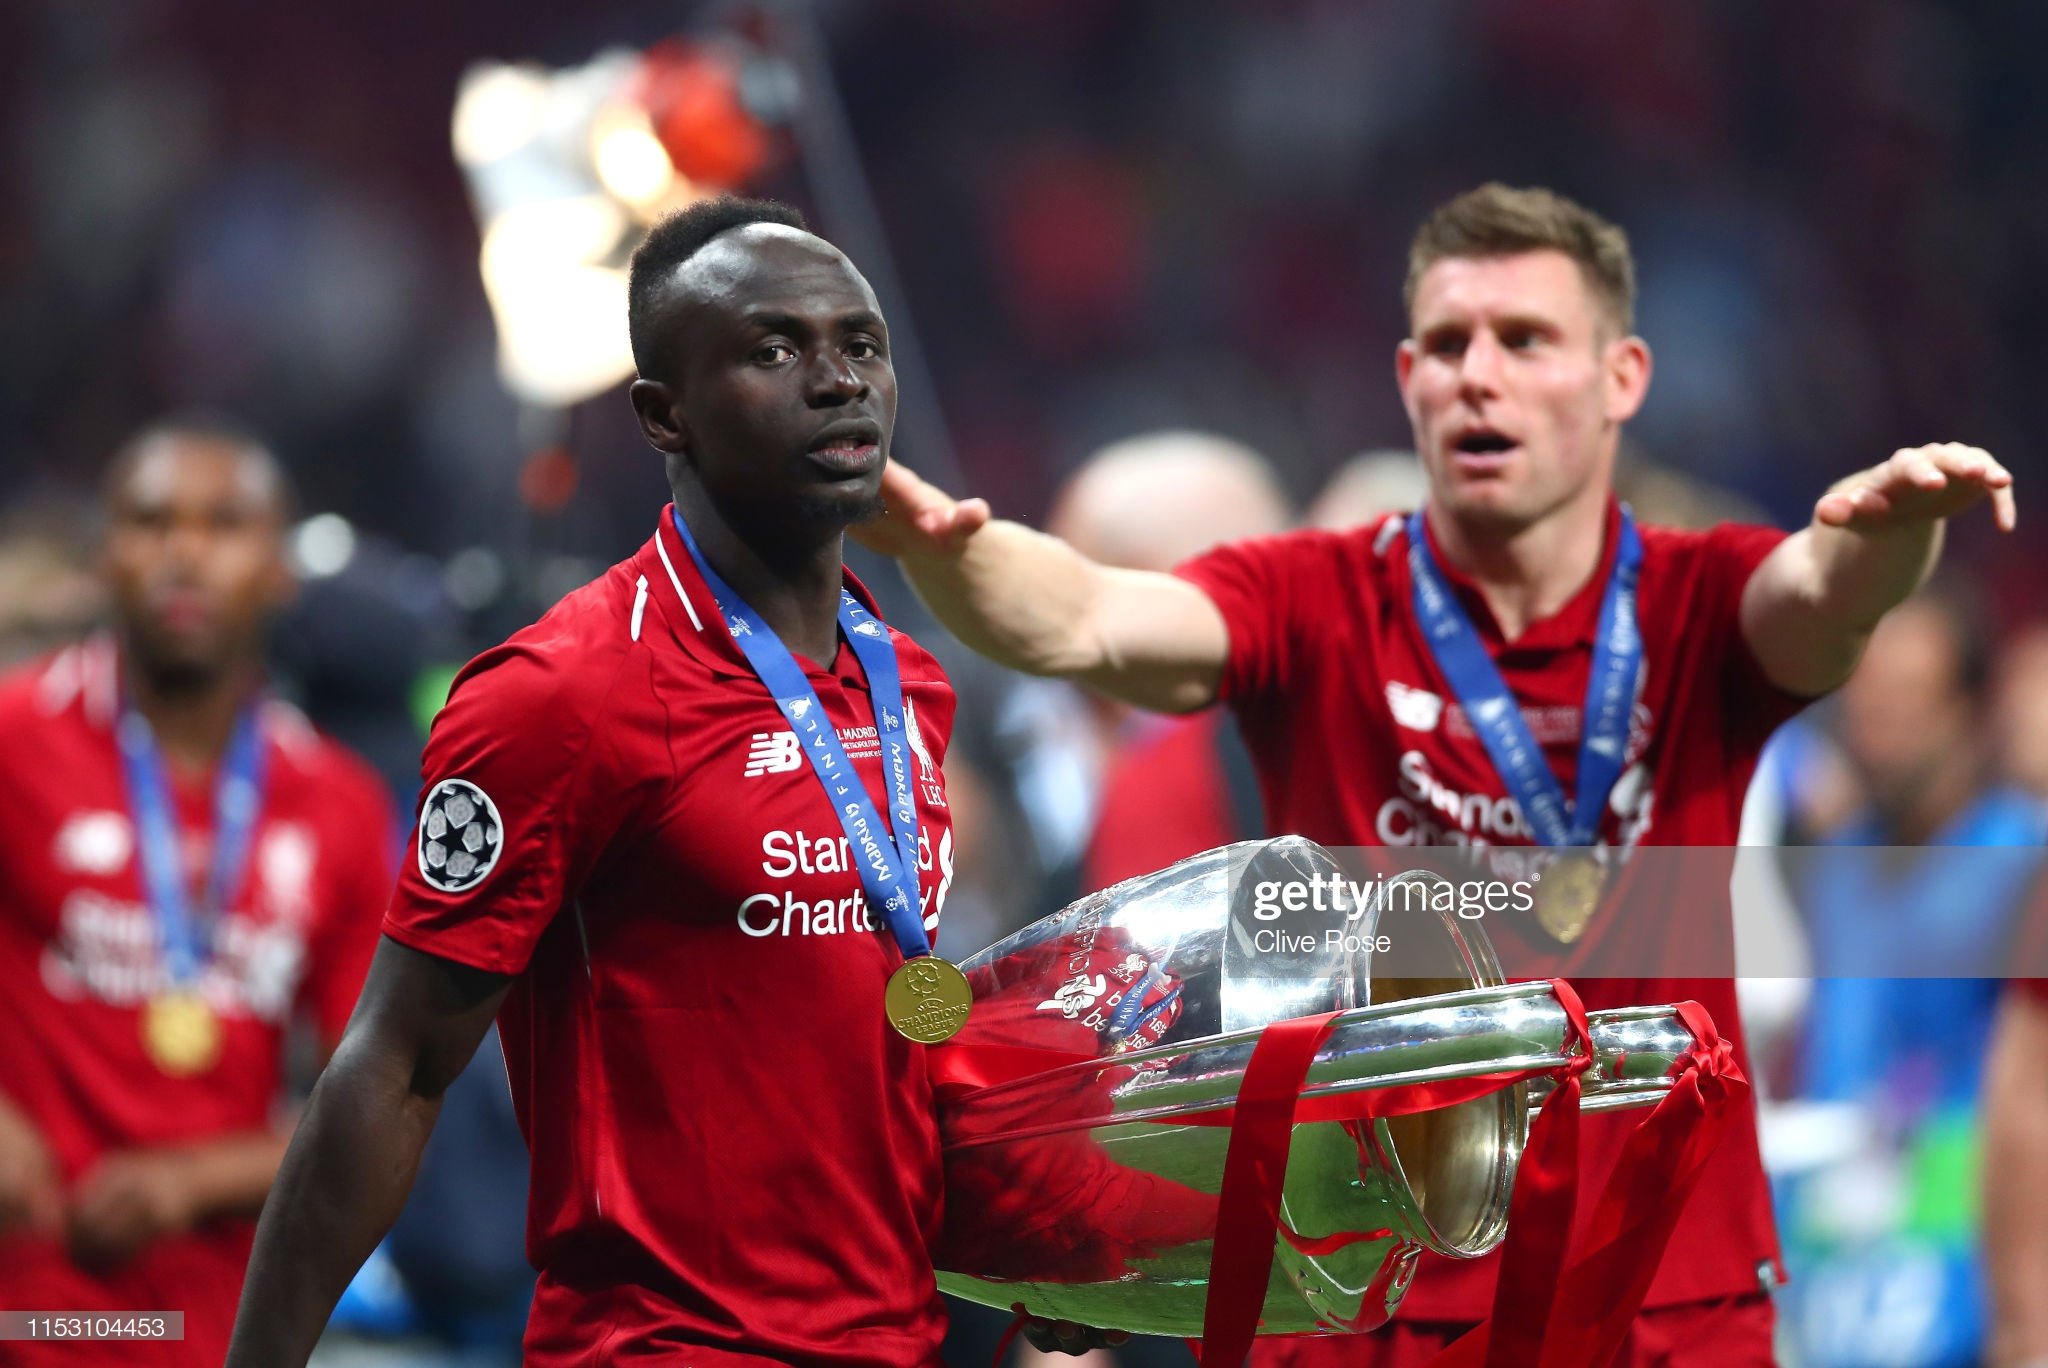 Sadio Mané et le Trophée de la Ligue des Champions avec son Club Liverpool (11)